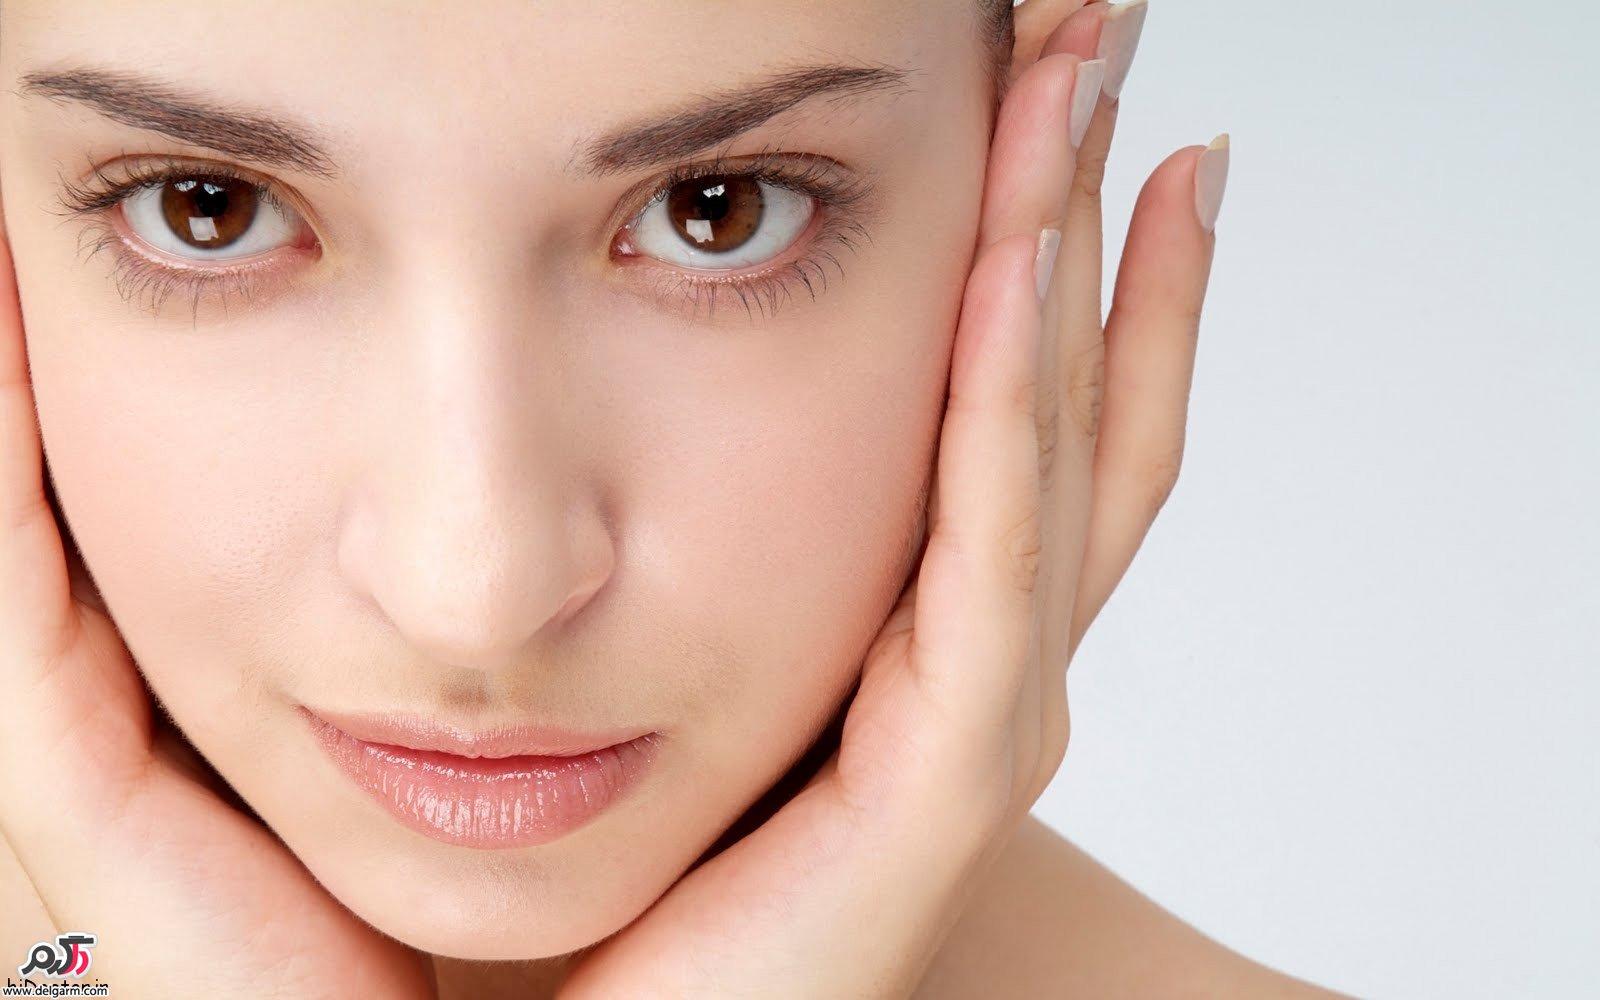 علت تیره شدن پوست چیست؟